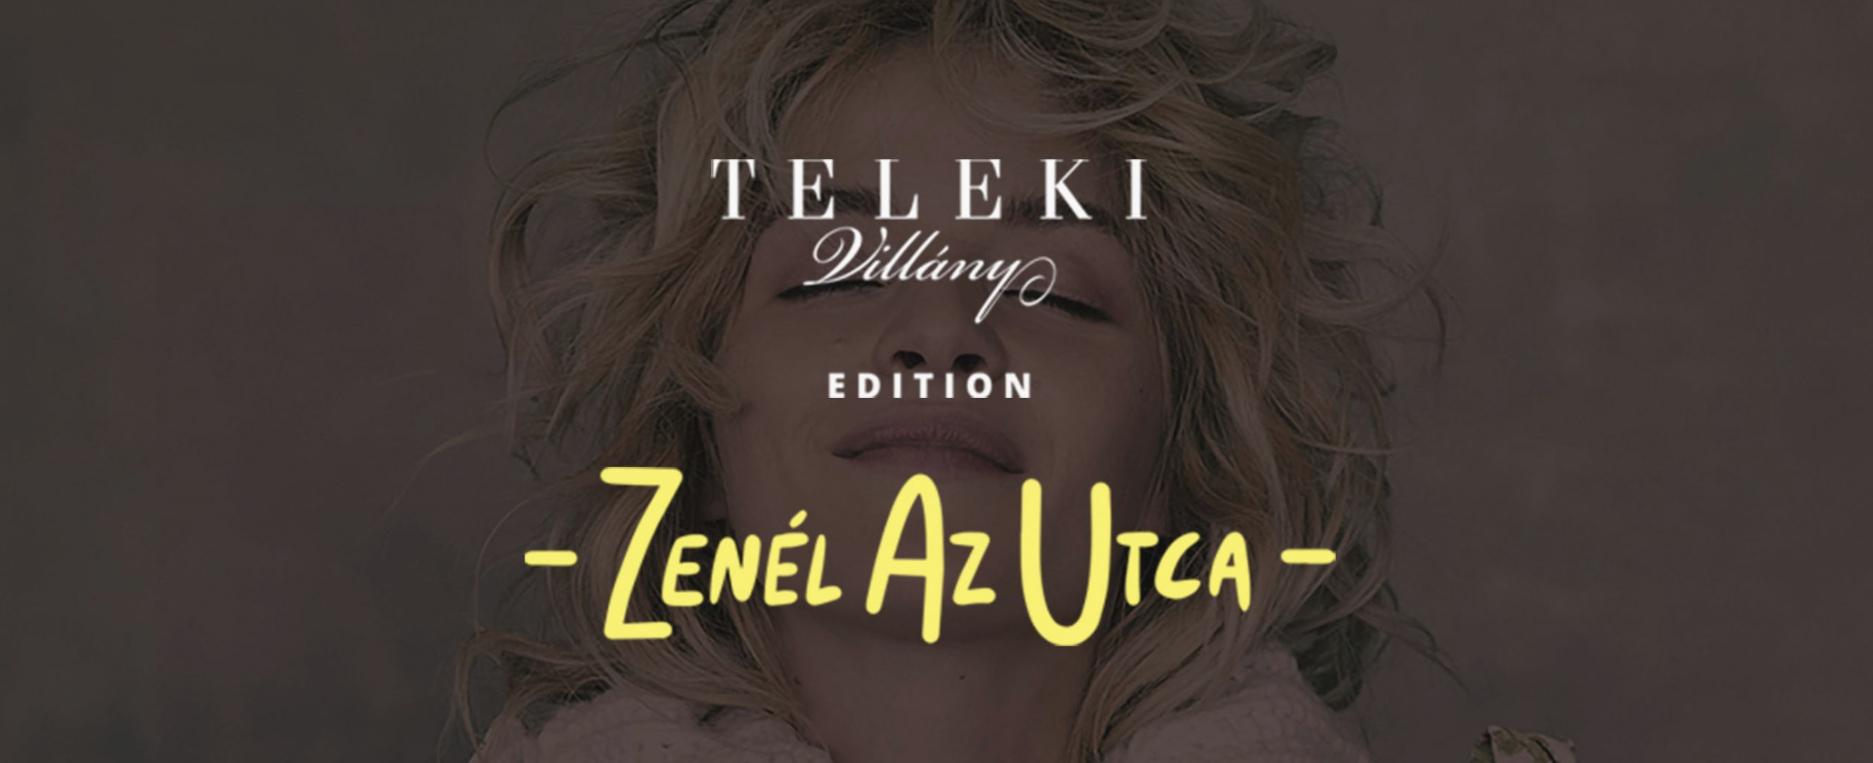 Zenél az utca – Teleki edition